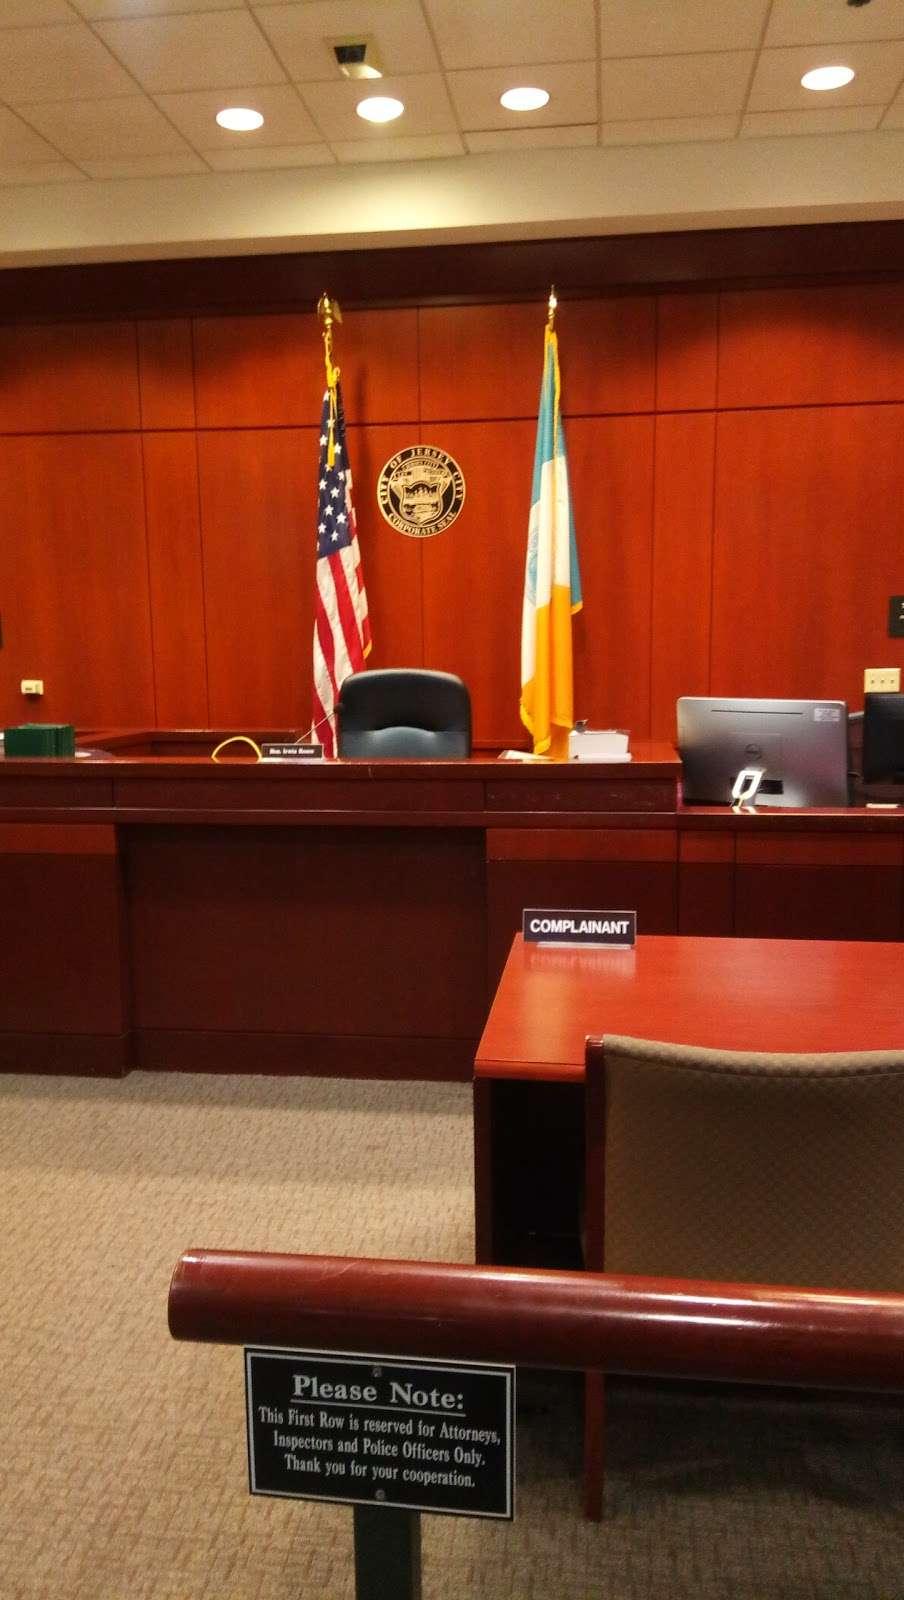 Jersey City Municipal Court - courthouse  | Photo 5 of 10 | Address: 365 Summit Ave, Jersey City, NJ 07306, USA | Phone: (201) 209-6700